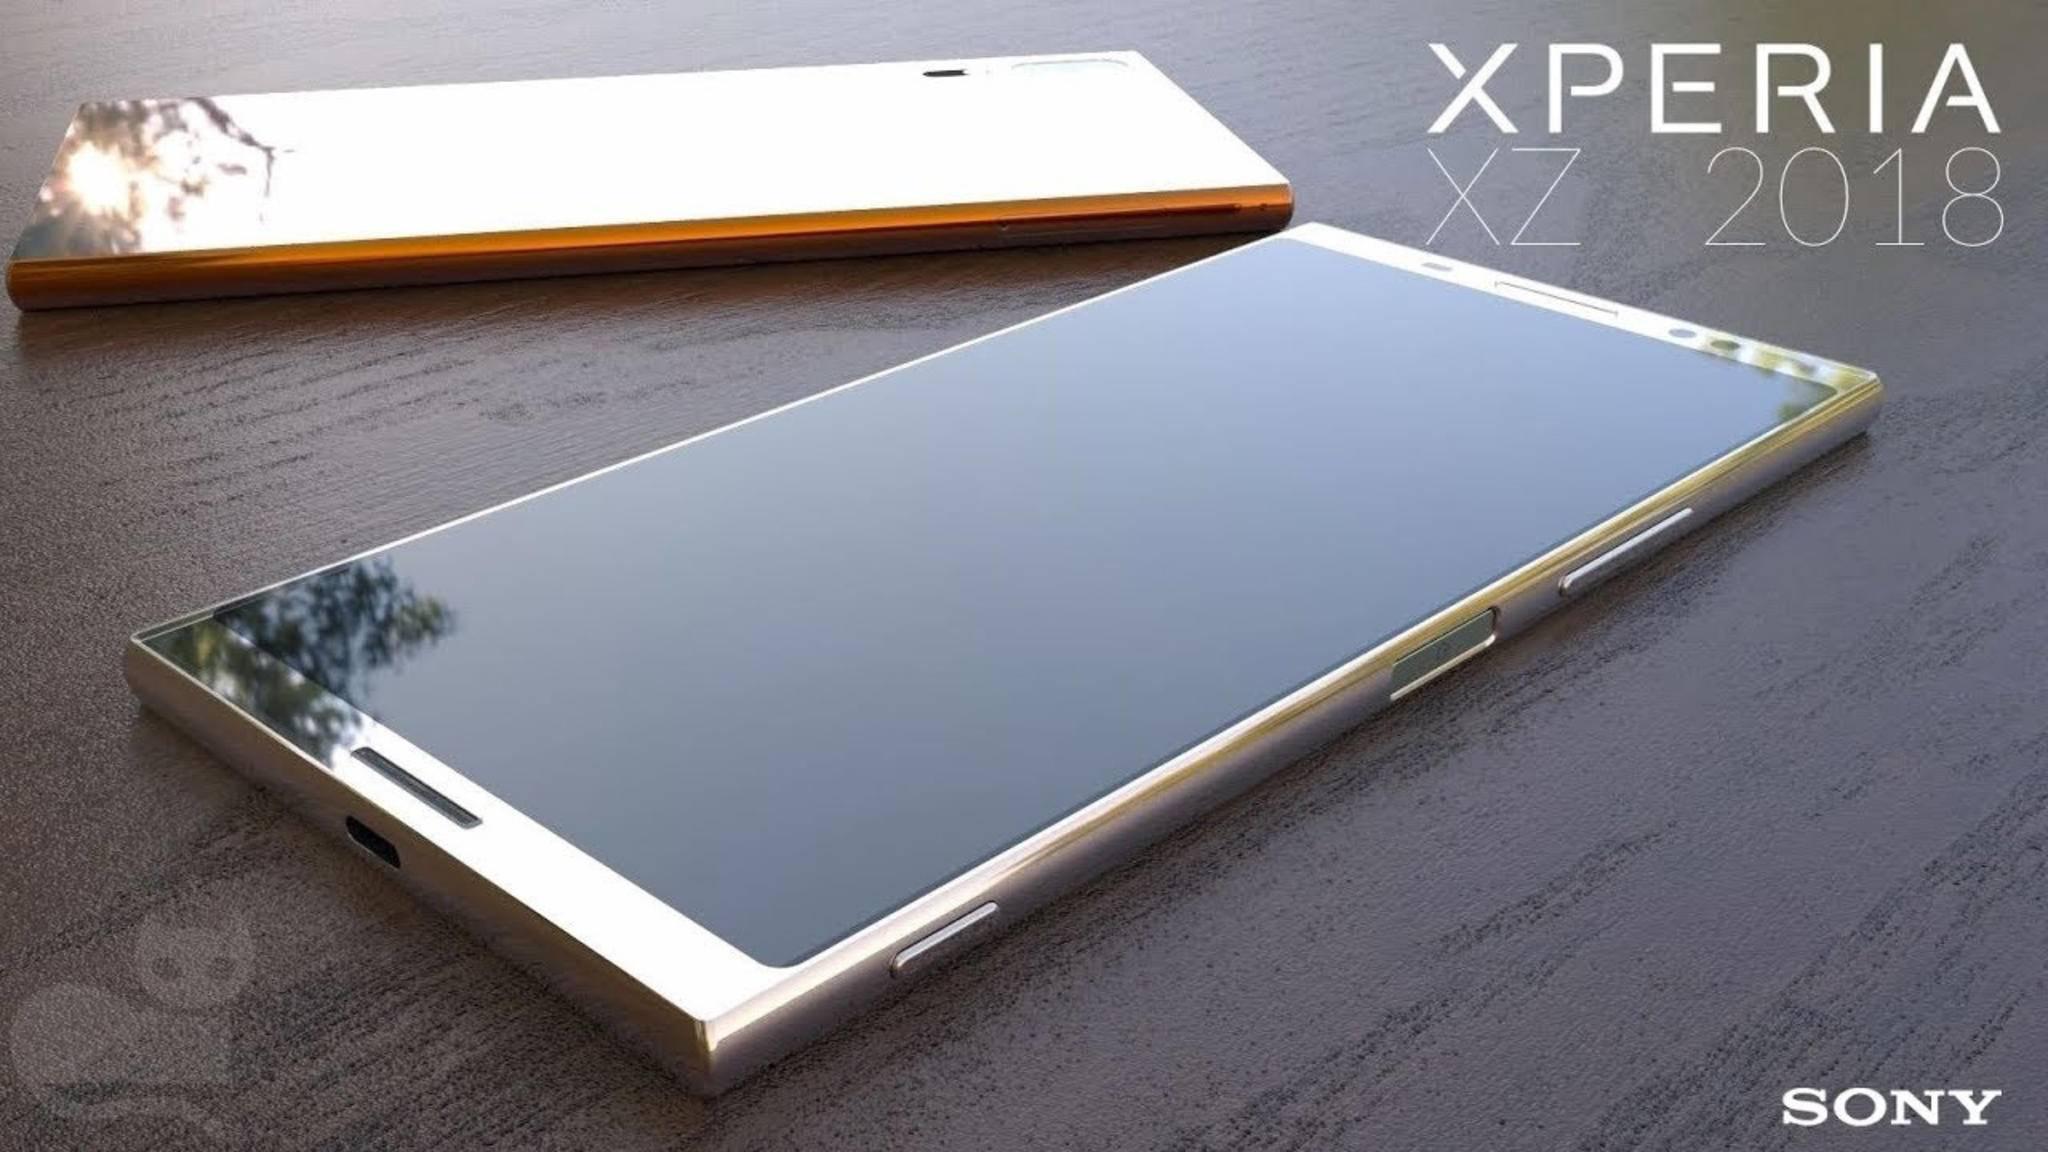 Dünne Displayrahmen und trotzdem größere Bildschirmdiagonale: So könnte das Xperia XZ Premium 2018 aussehen.